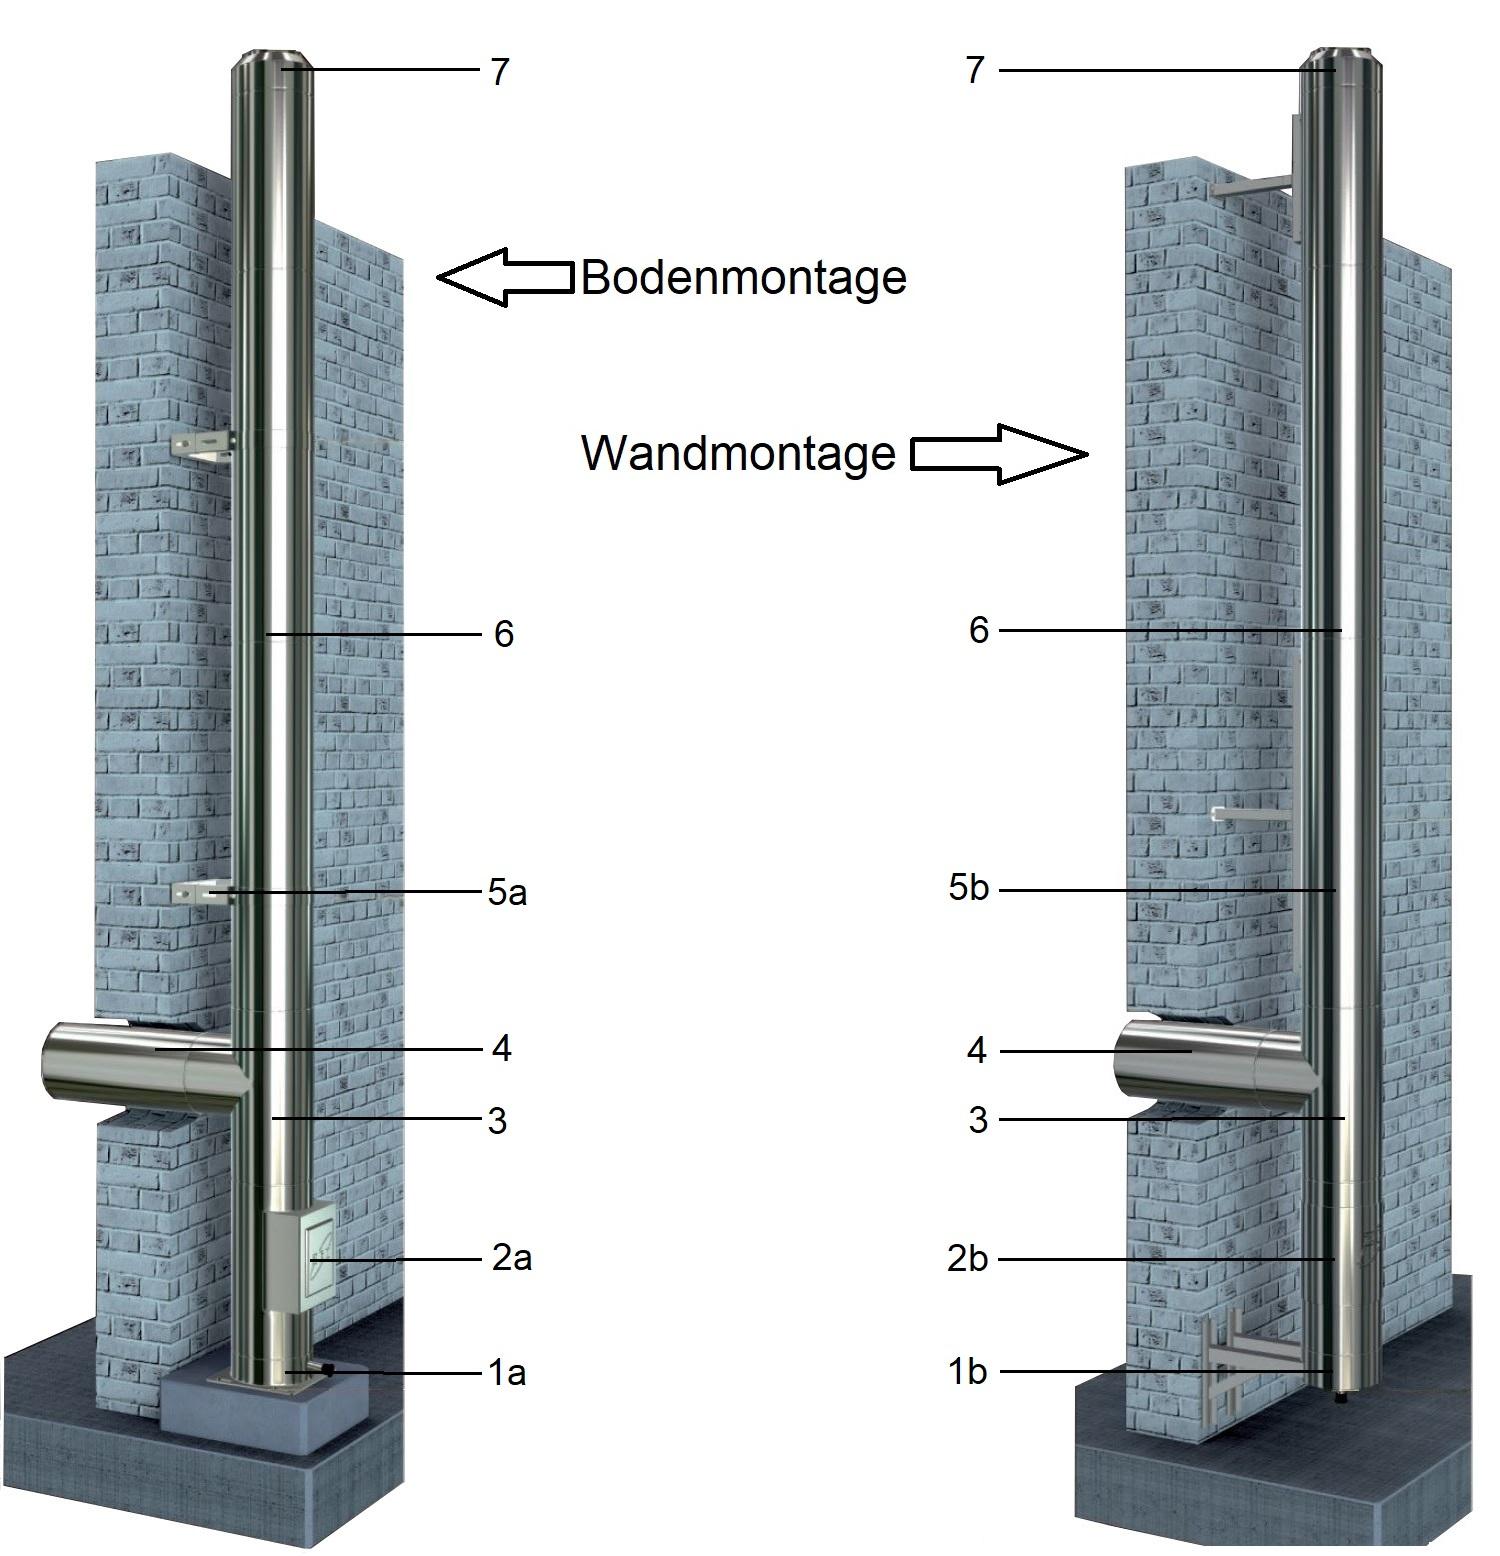 ZEN-Schornstein-Wand-und-Bodenmontage